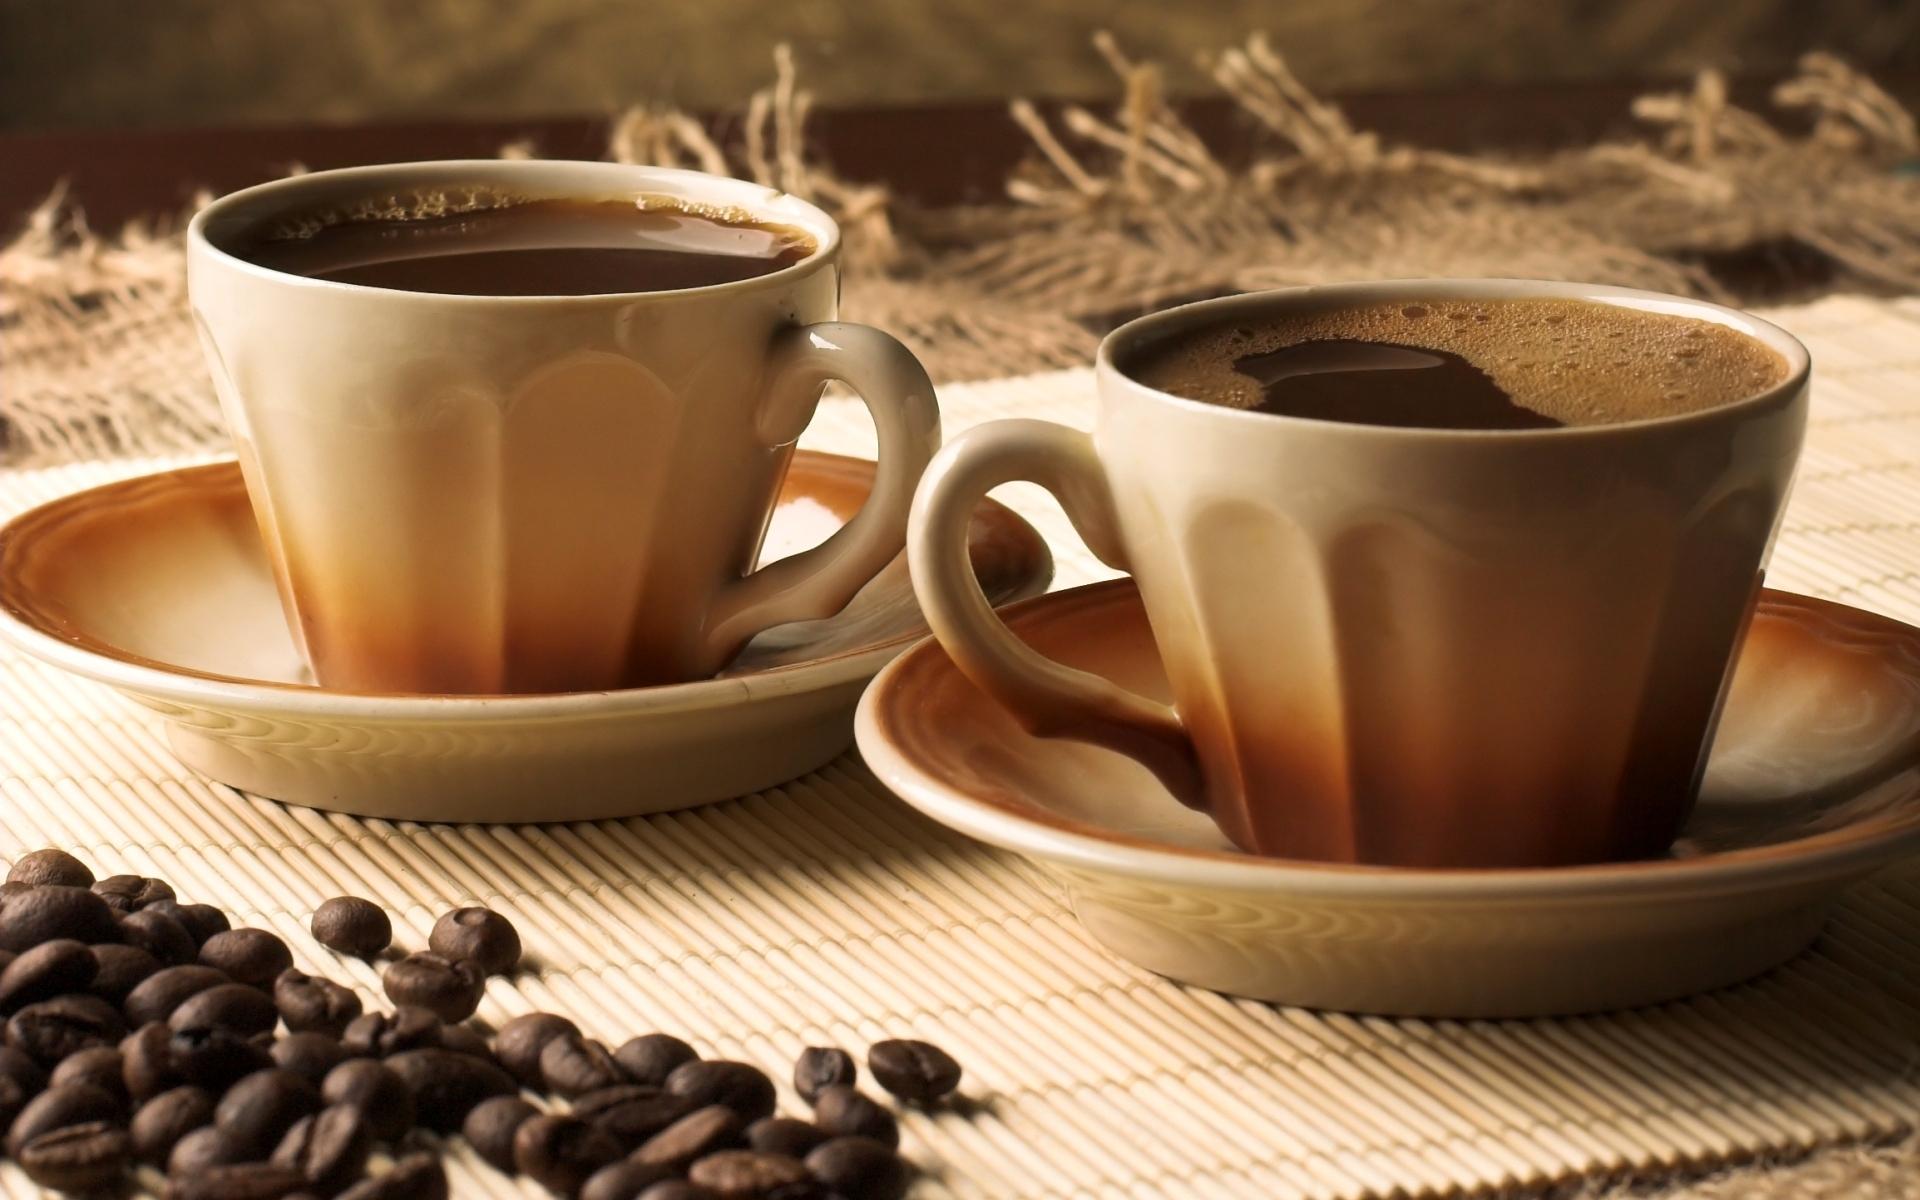 кофе чашка блюдце  № 2172576 бесплатно